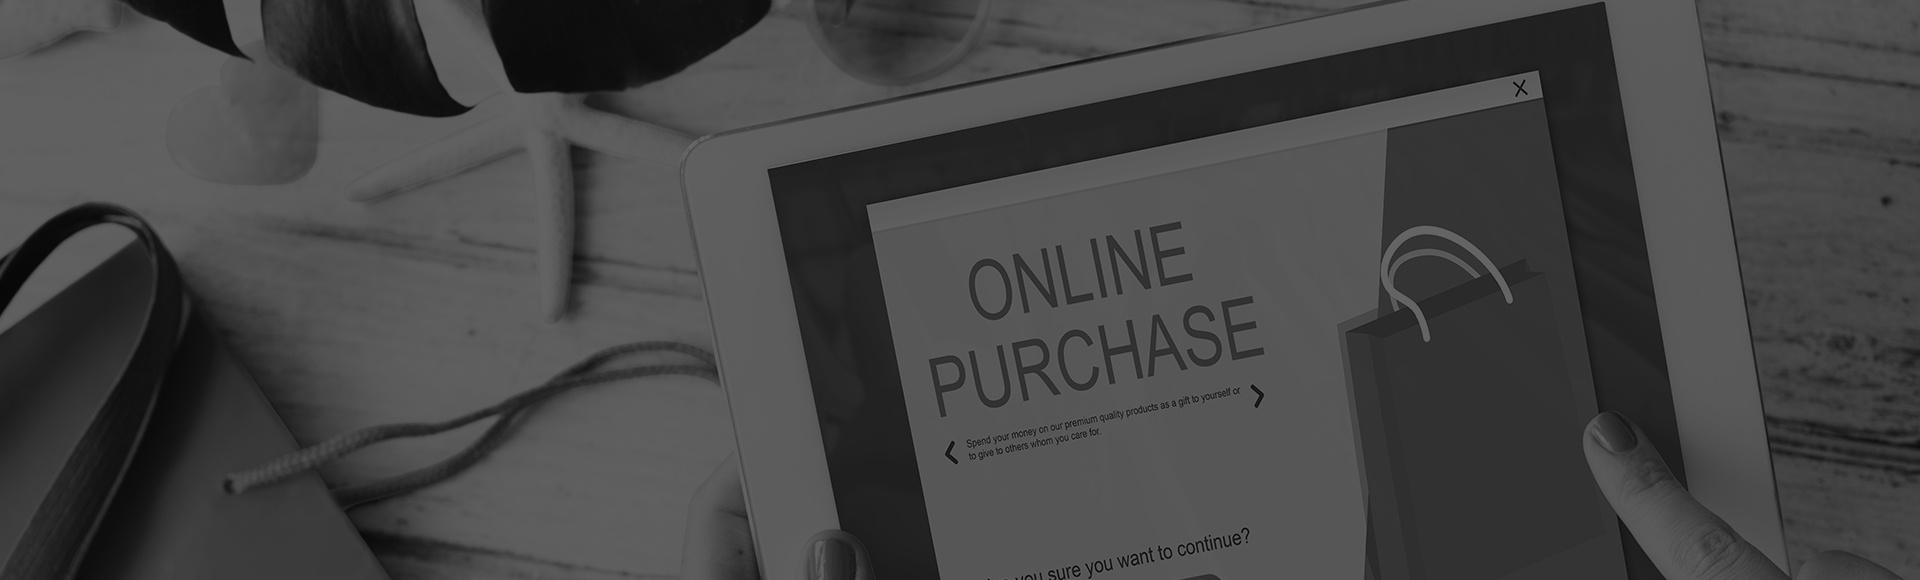 custom-developed-ecommerce-website-banner